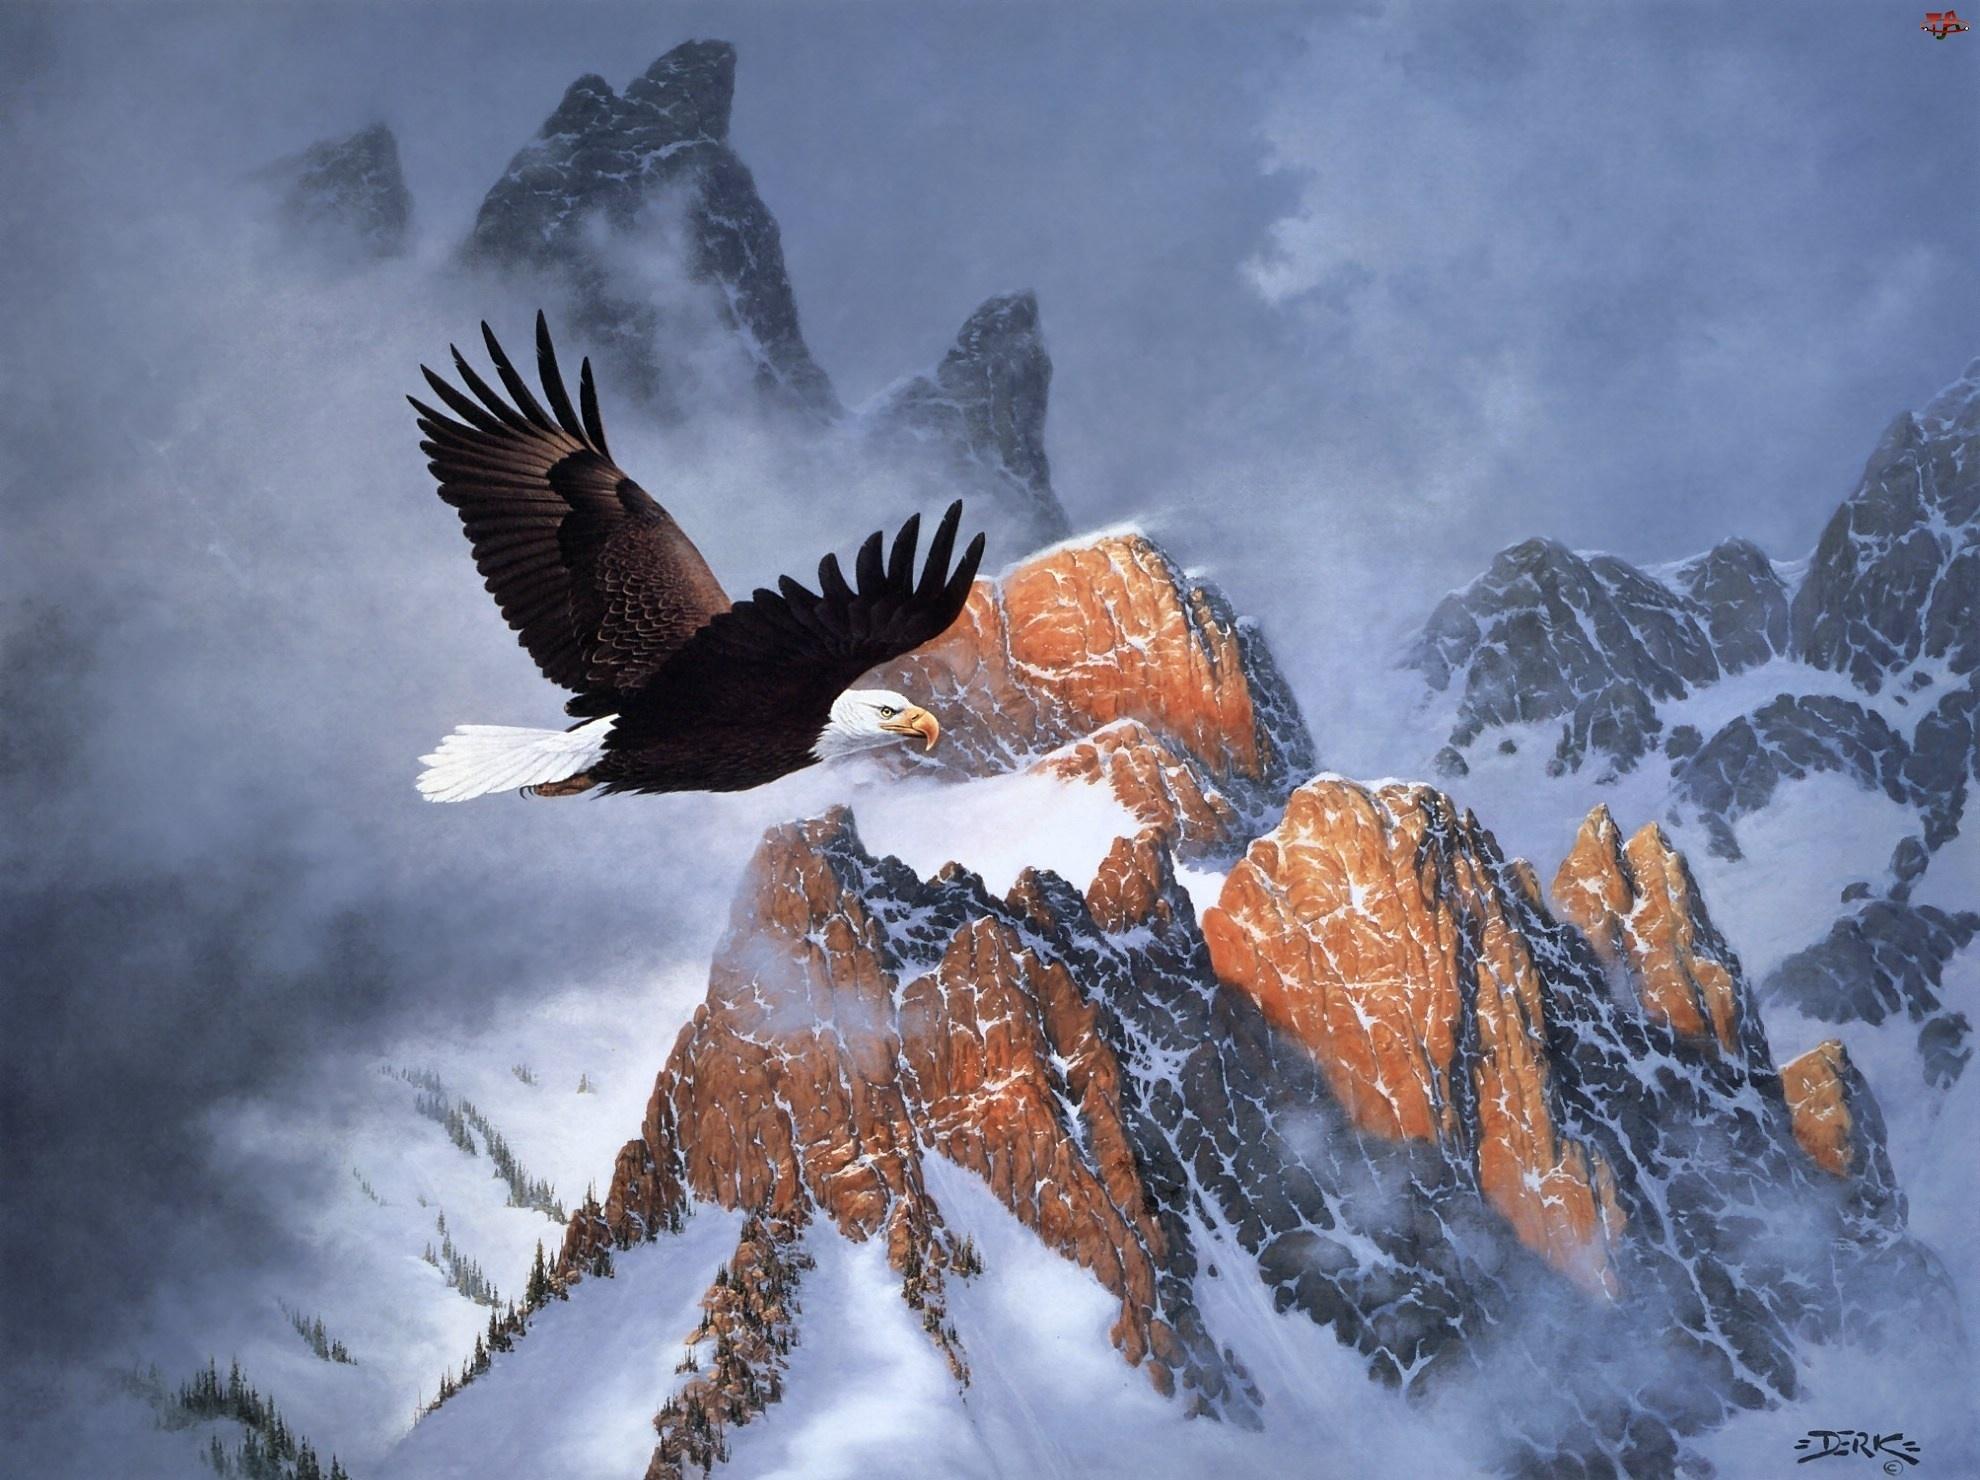 Malarstwo, Bielik amerykański, Góry, Zima